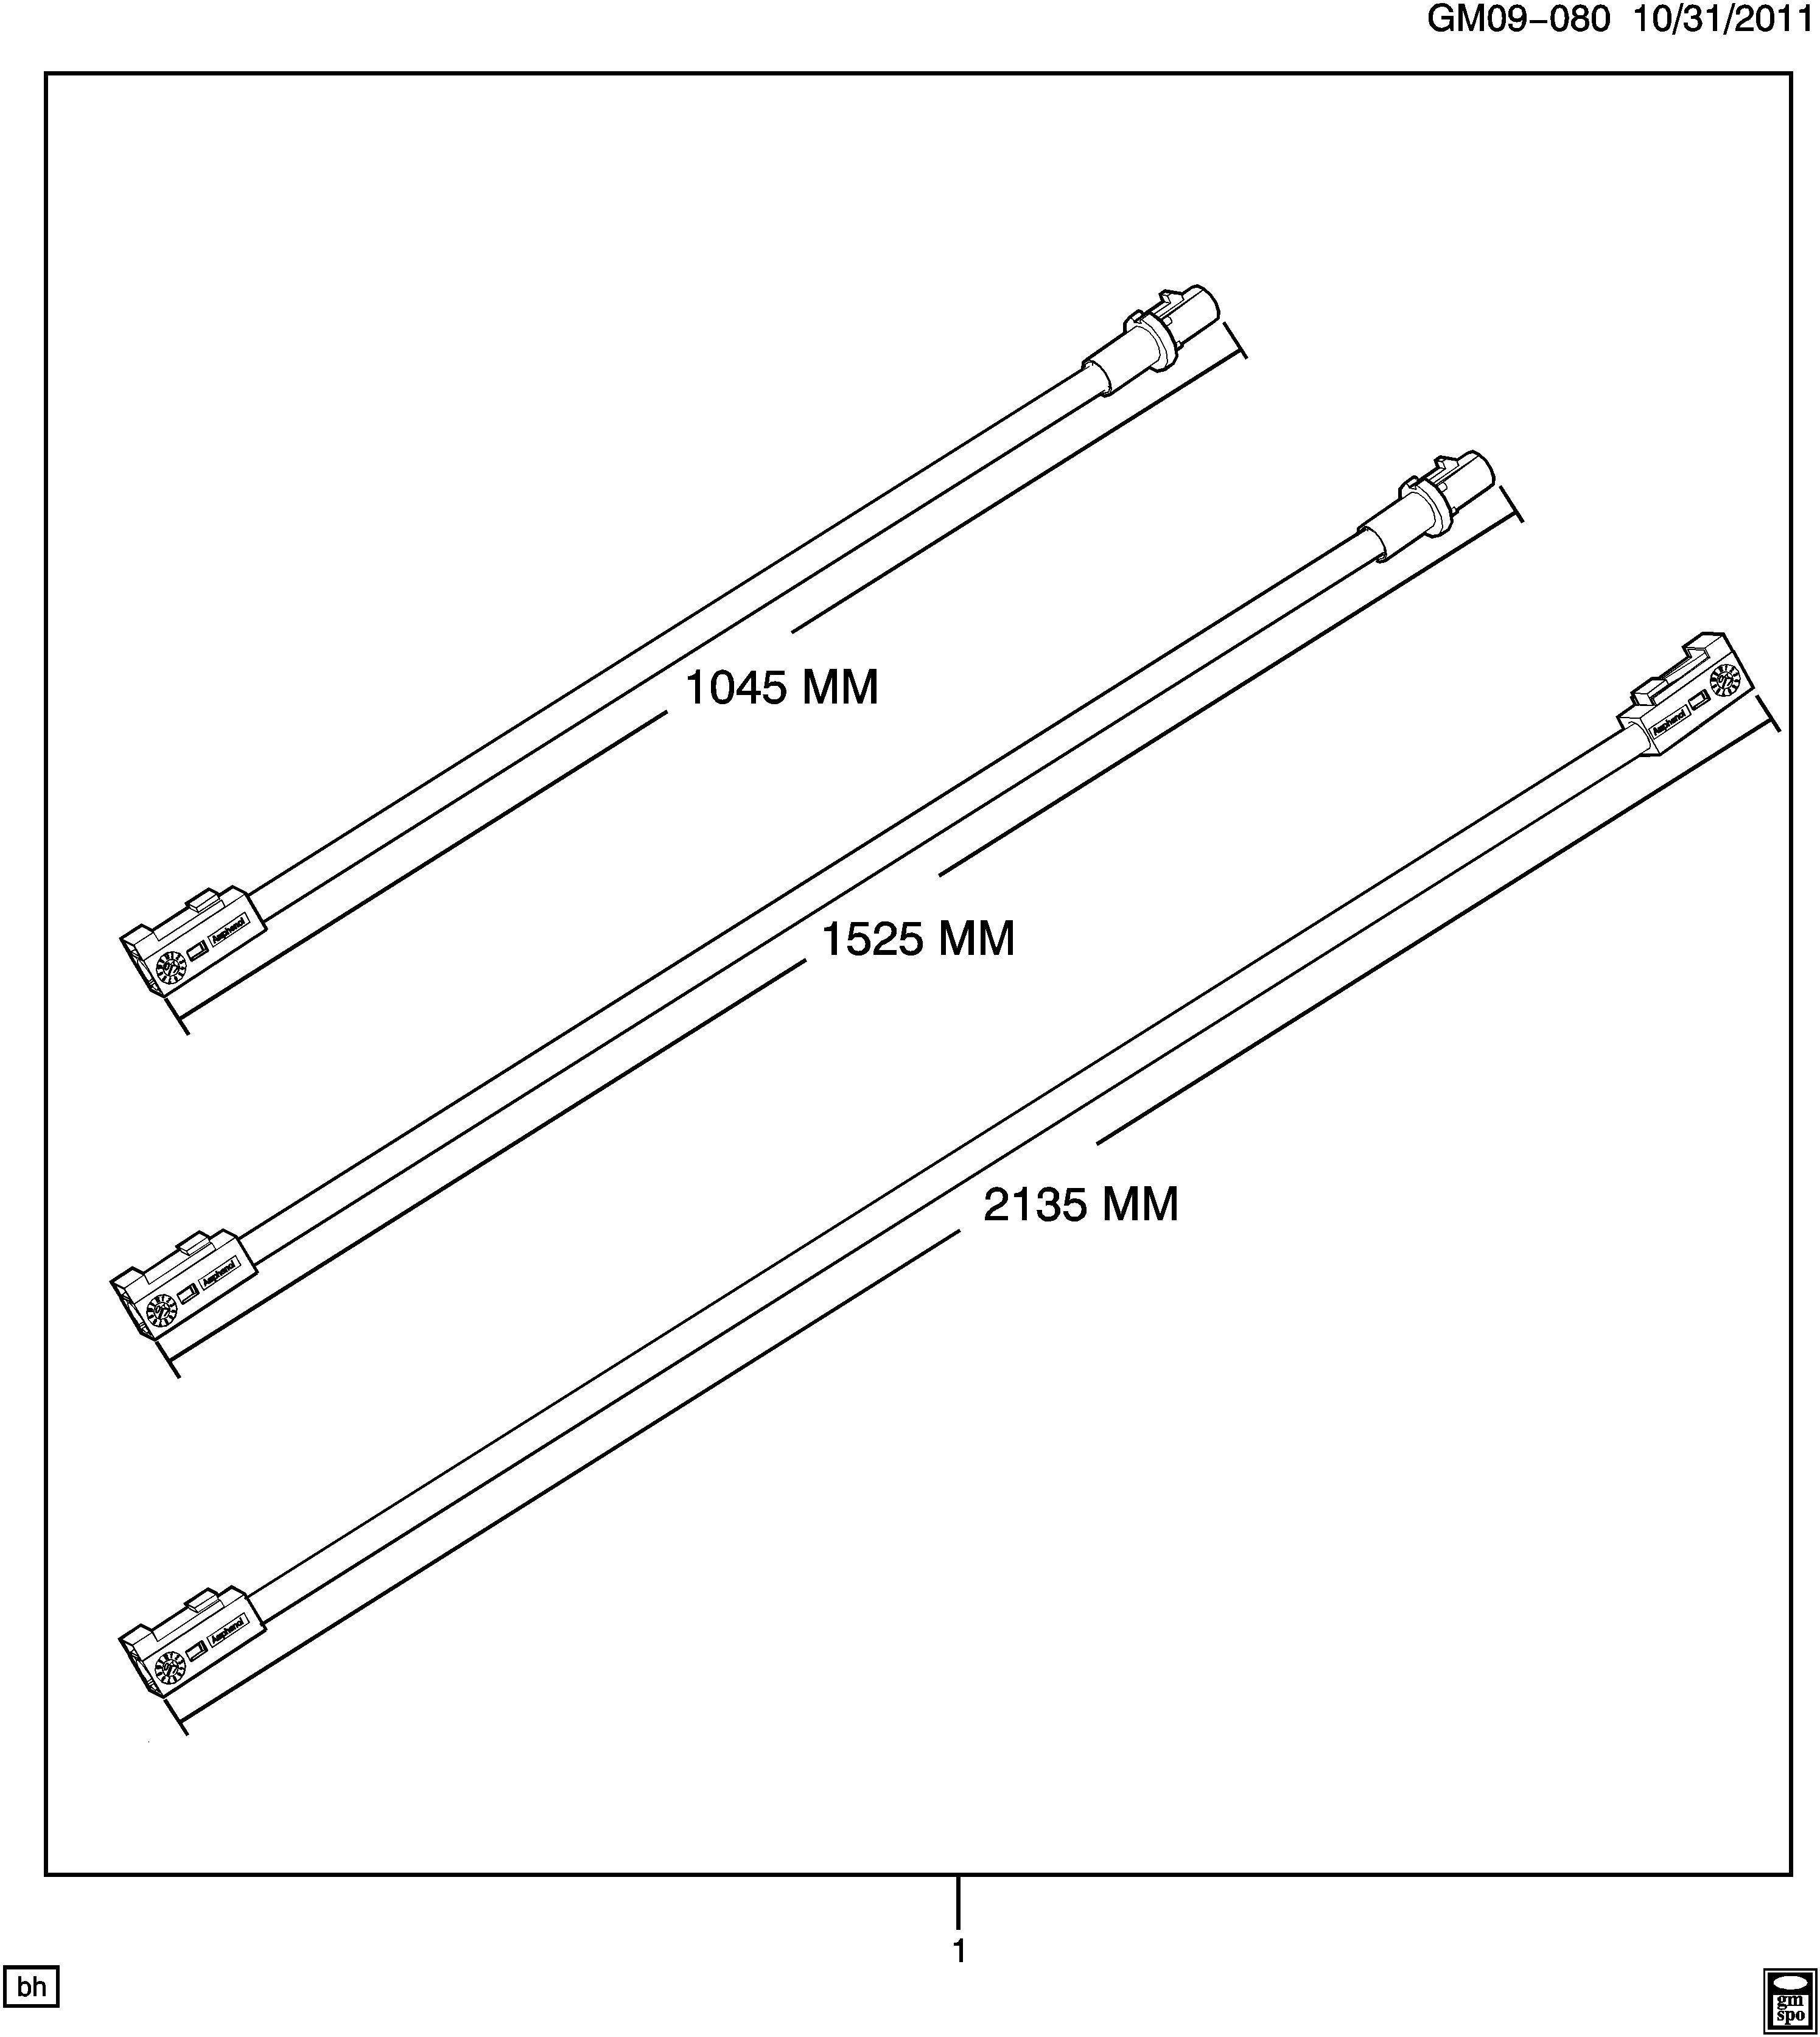 Cadillac Cts Cable Kit Radio Antenna Vehicle Navigation